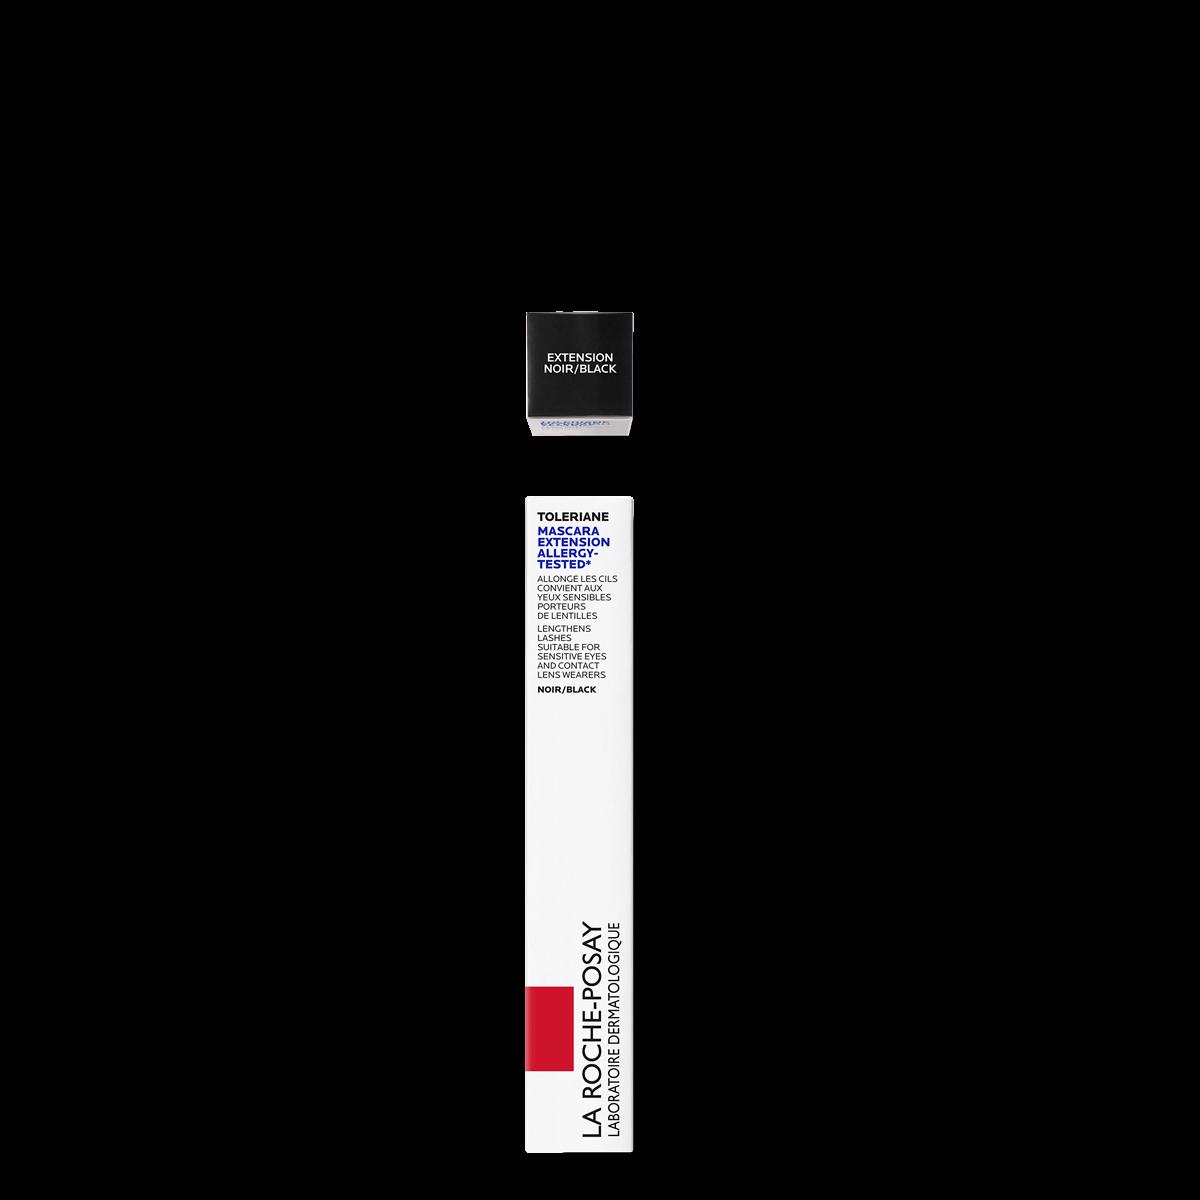 La Roche Posay Sensitiv Toleriane Makeup FORLÆNGENDE MASCARA Sort 333